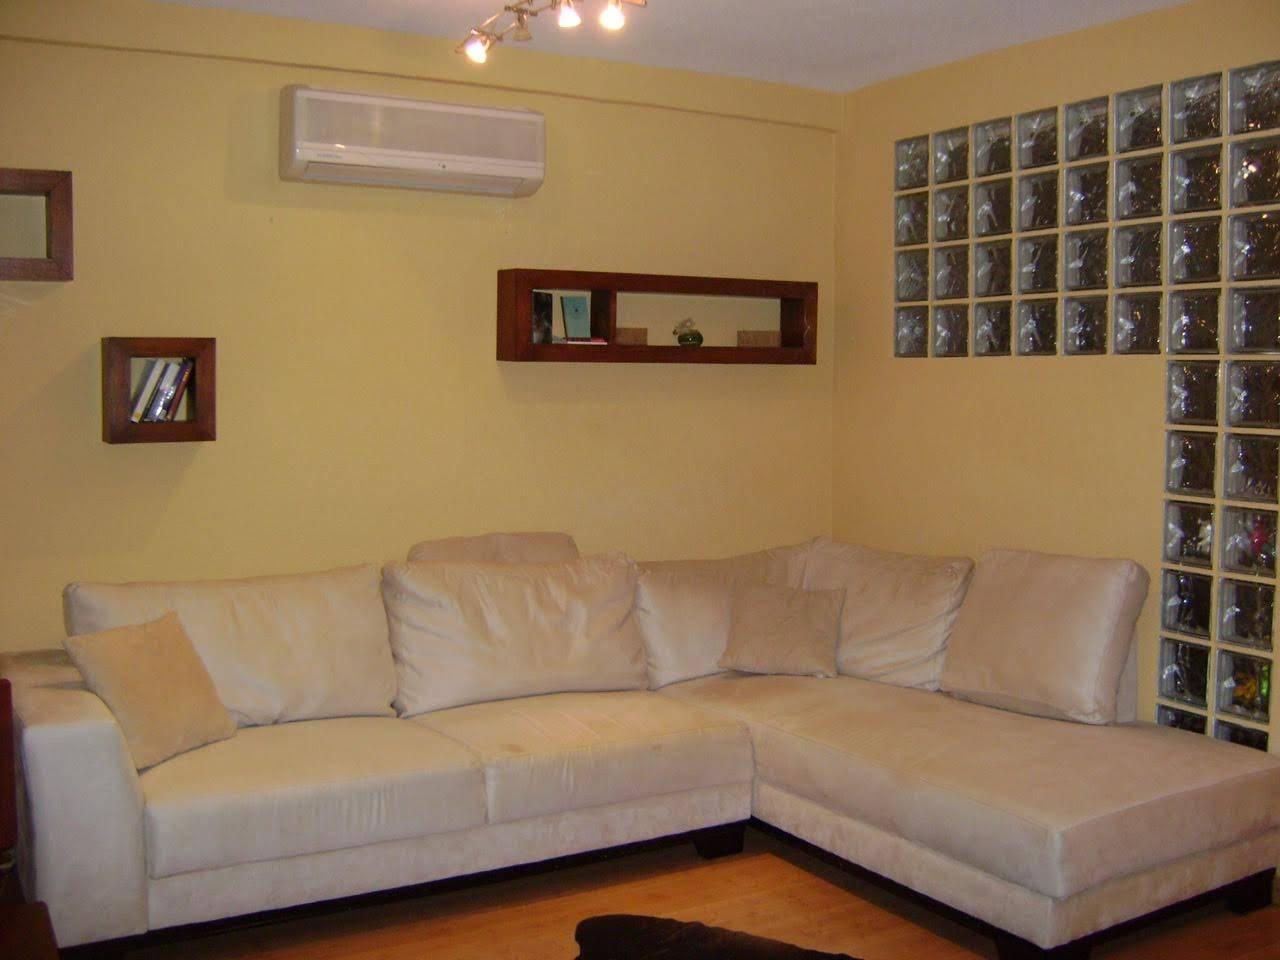 Venta de piso en casco antiguo alicante - Compartir piso en alicante ...